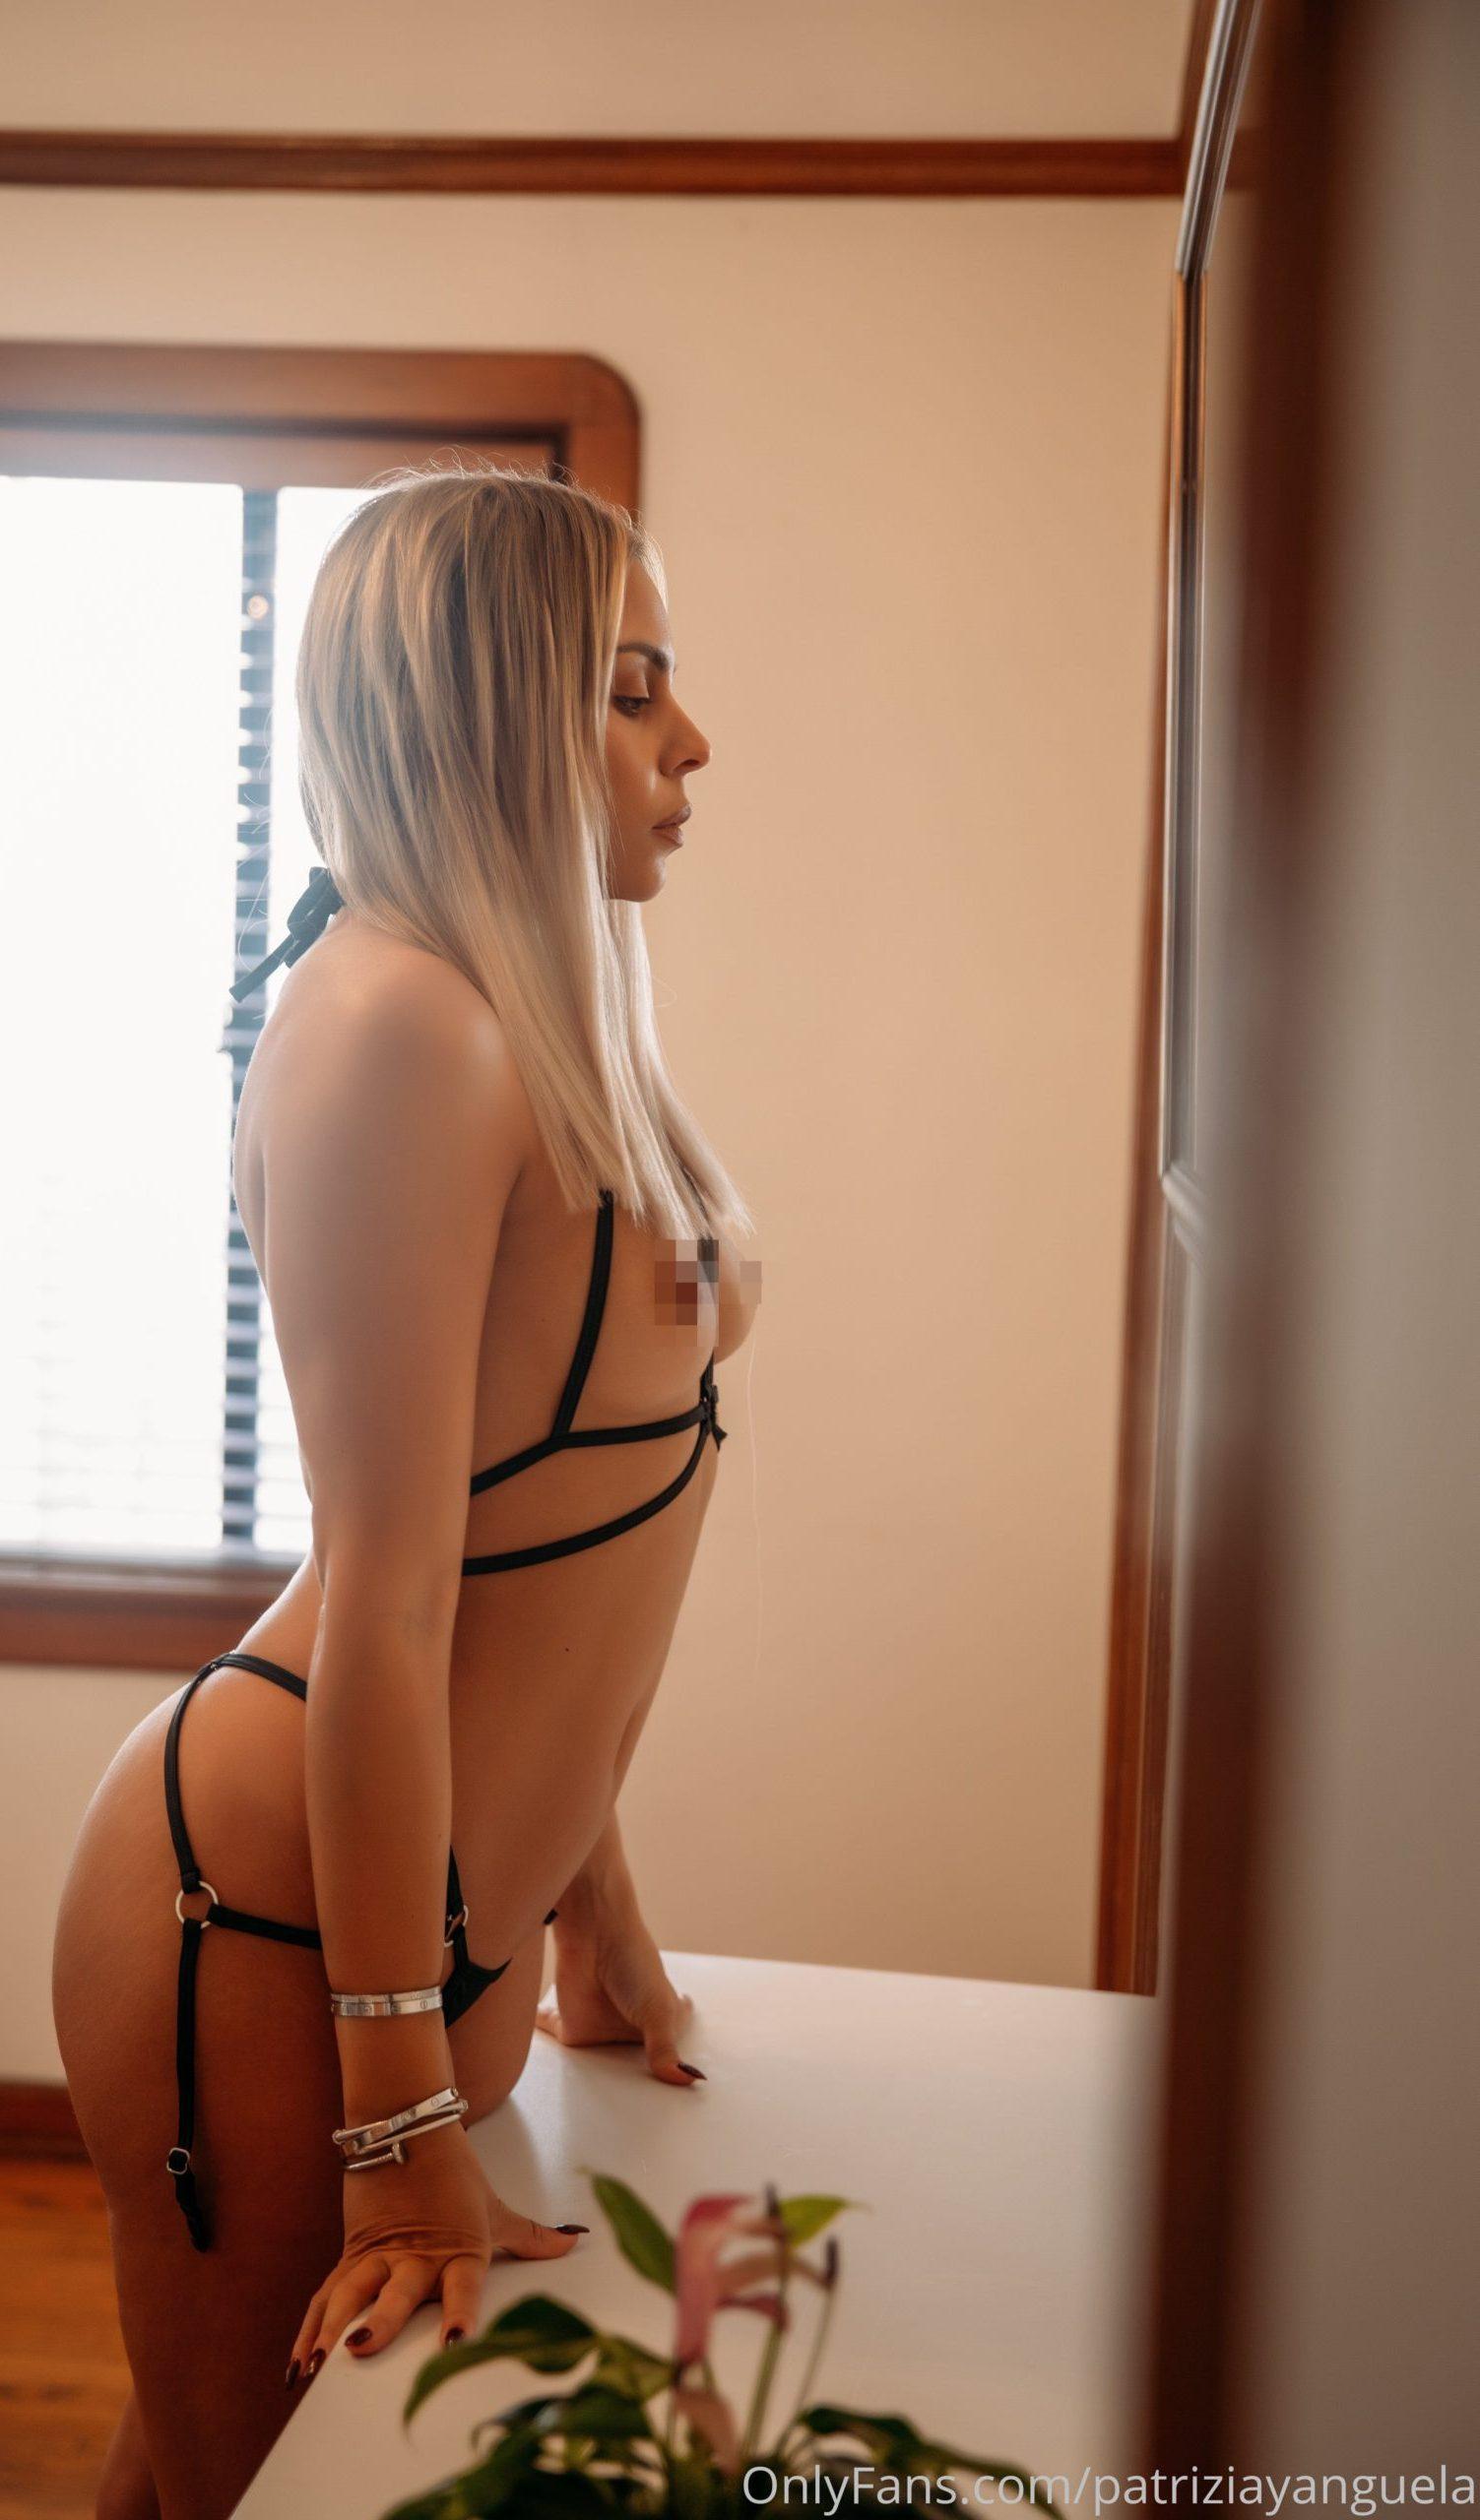 Patrizia Yanguela Patriziayanguela Onlyfans Nudes Leaks 0016